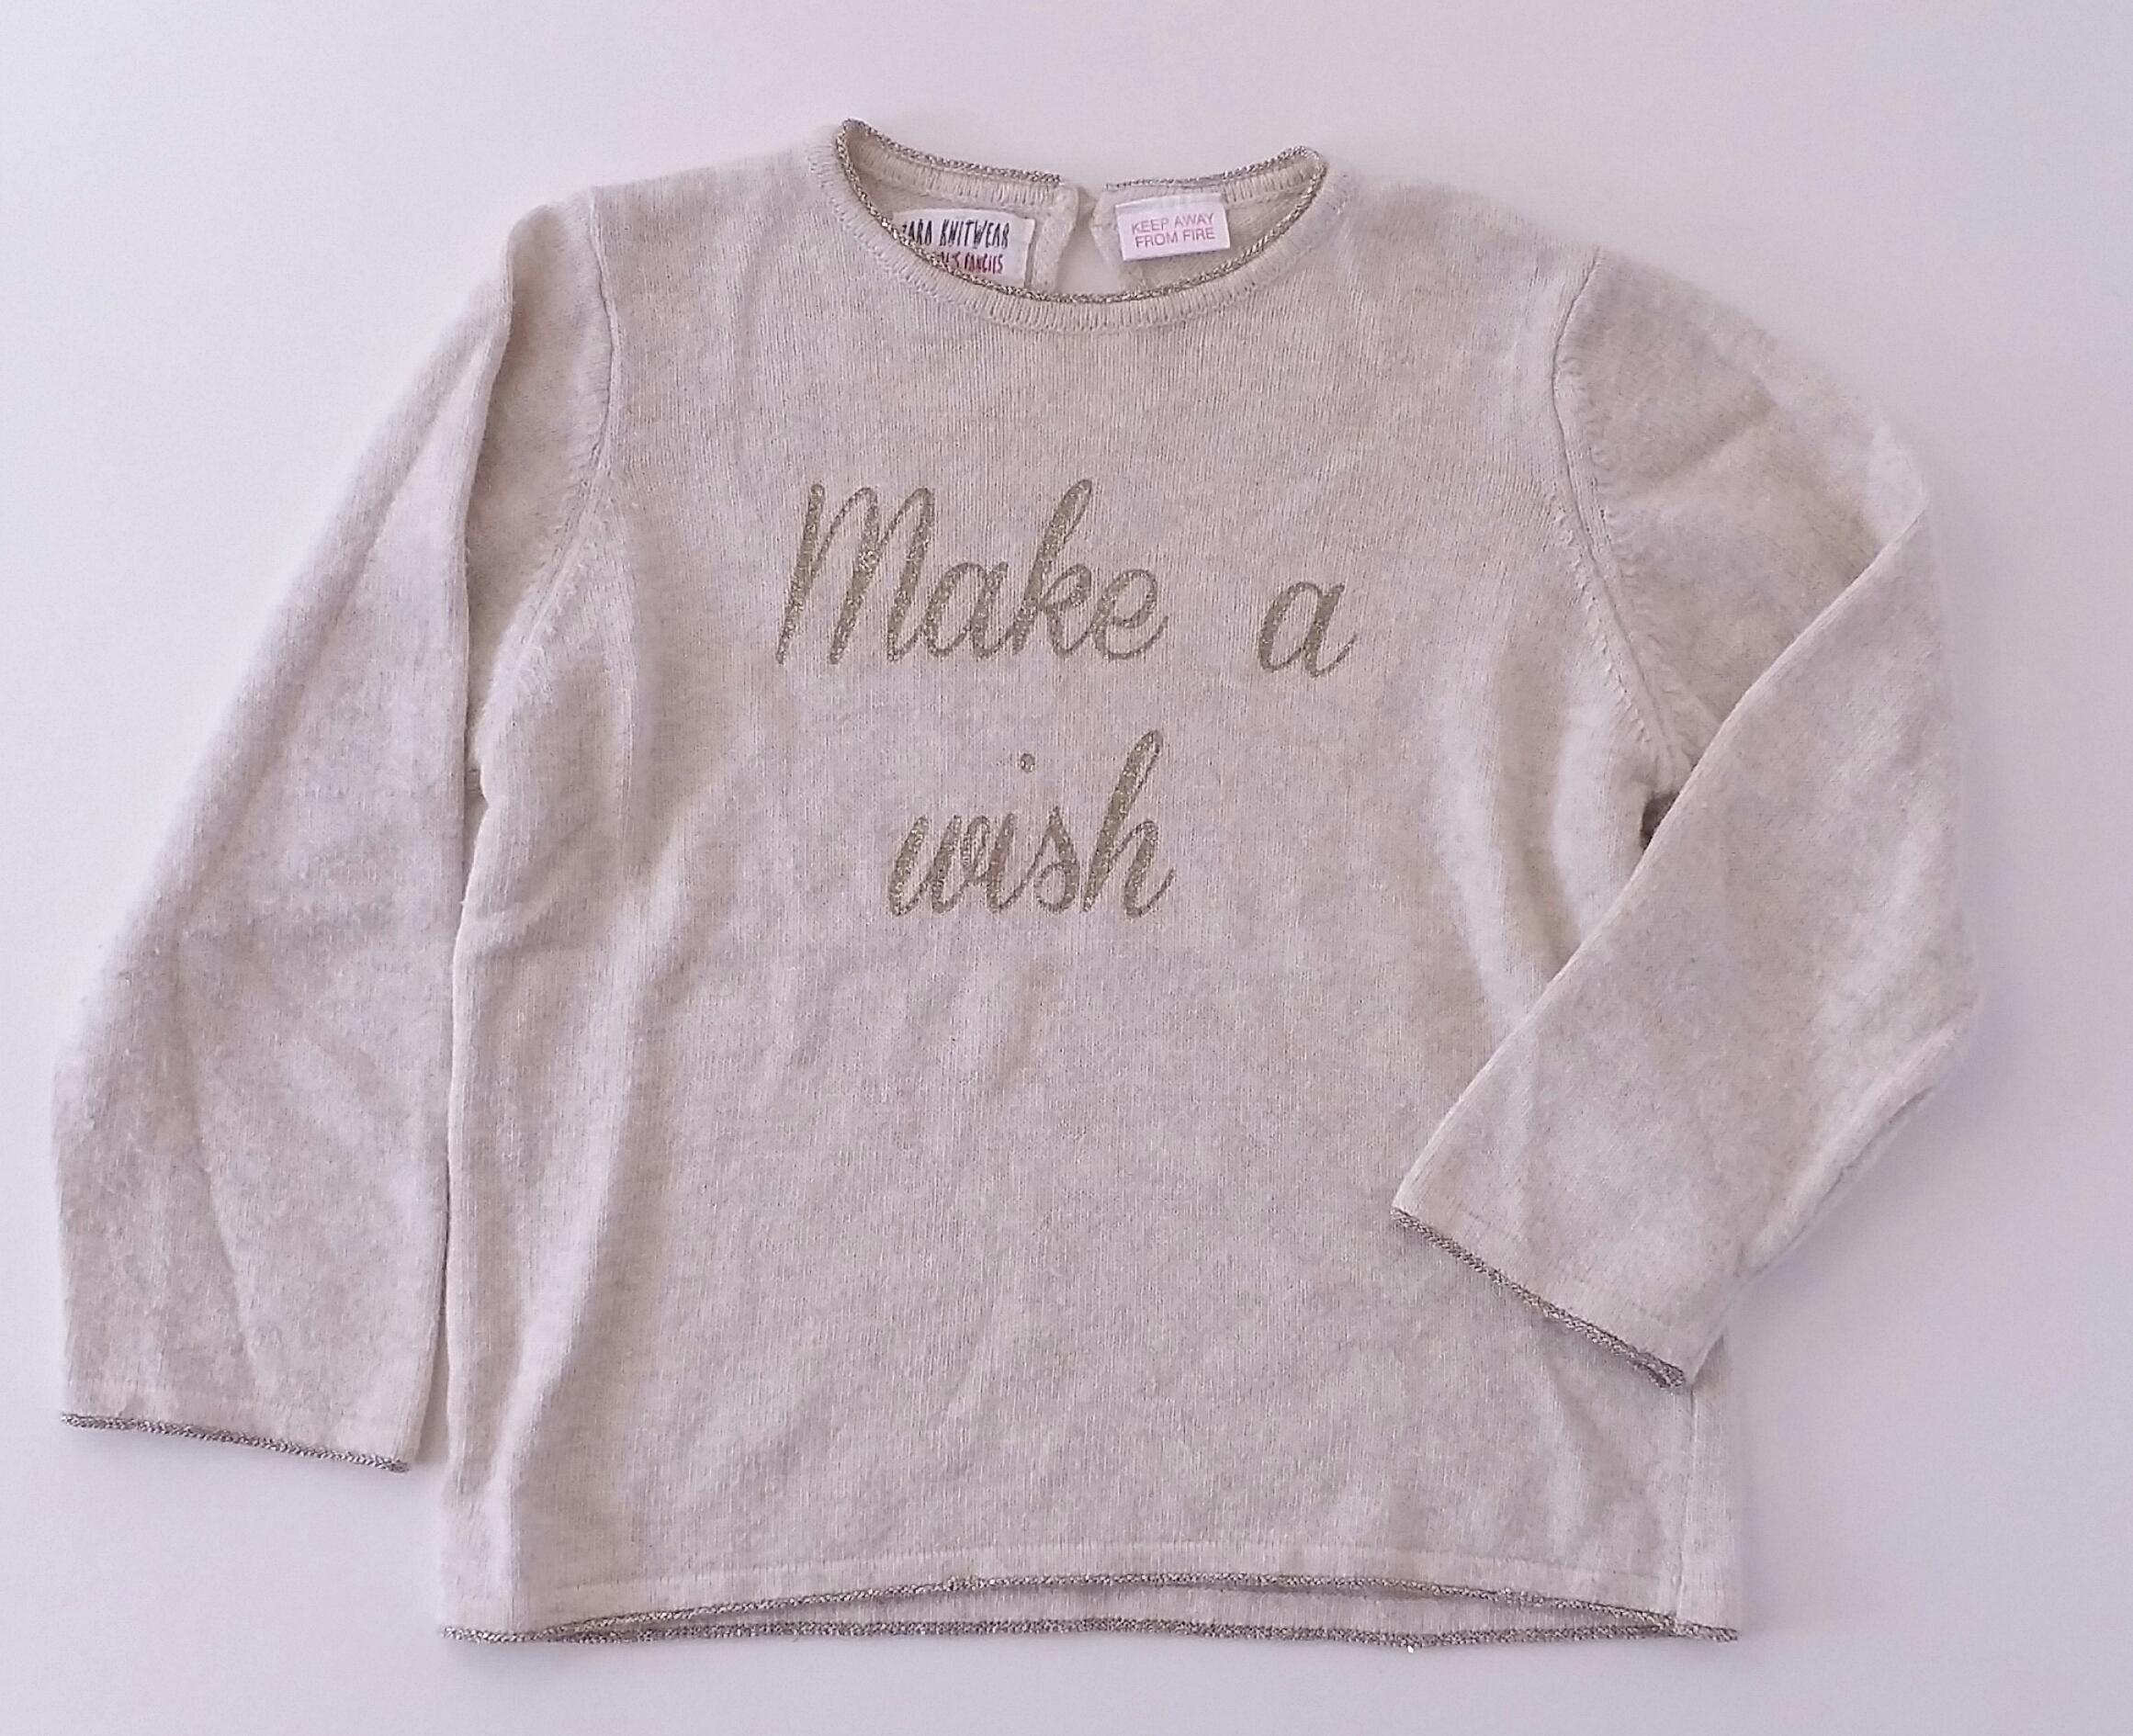 Zara-3-YEARS-Sweater_2153197A.jpg